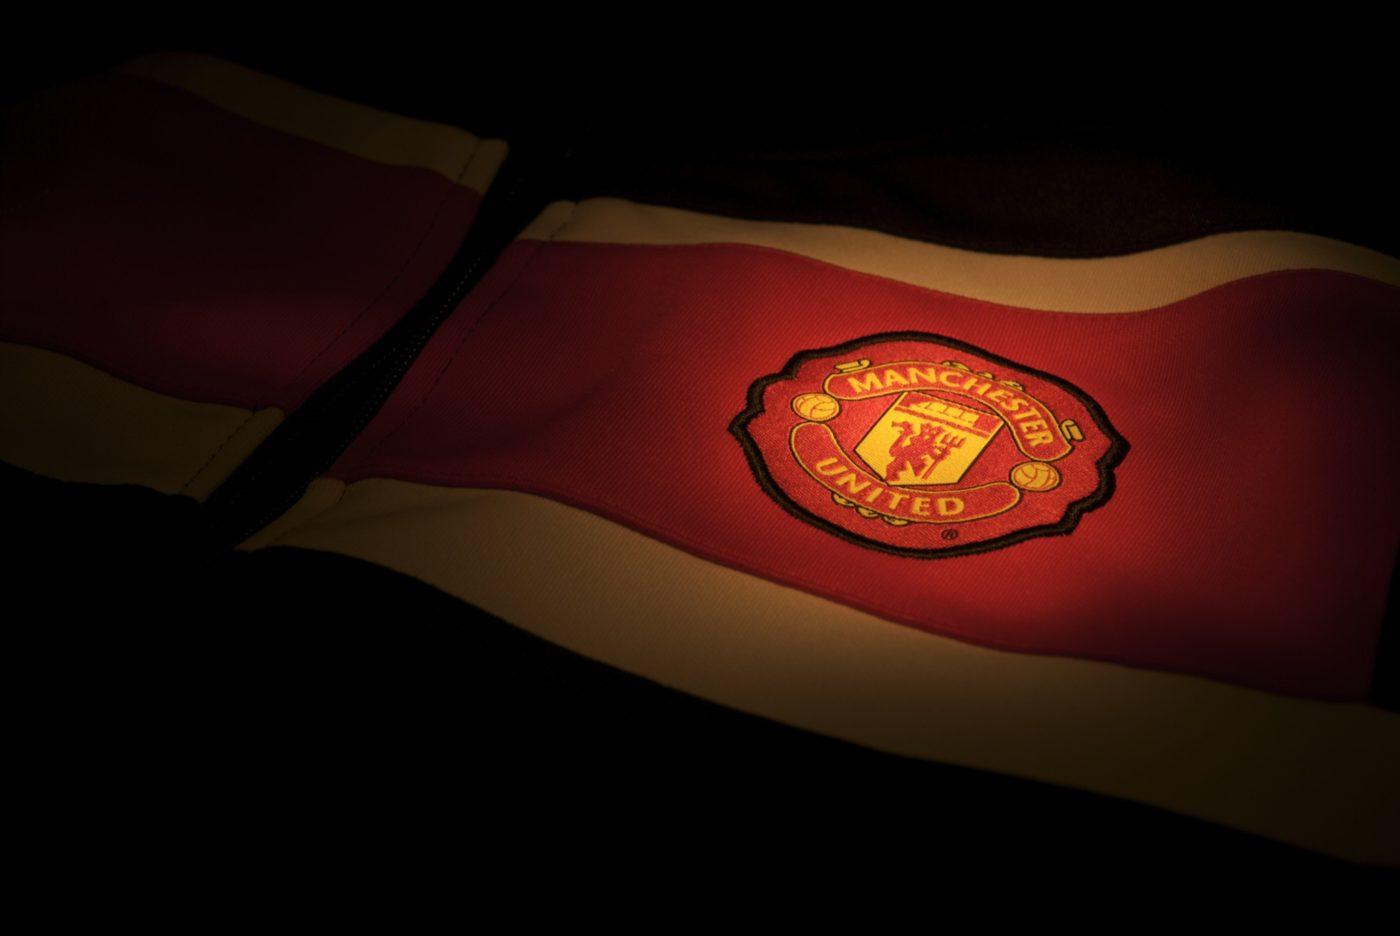 Myślisz: Mistrzostwo dla Man Utd? Pomyśl jeszcze raz